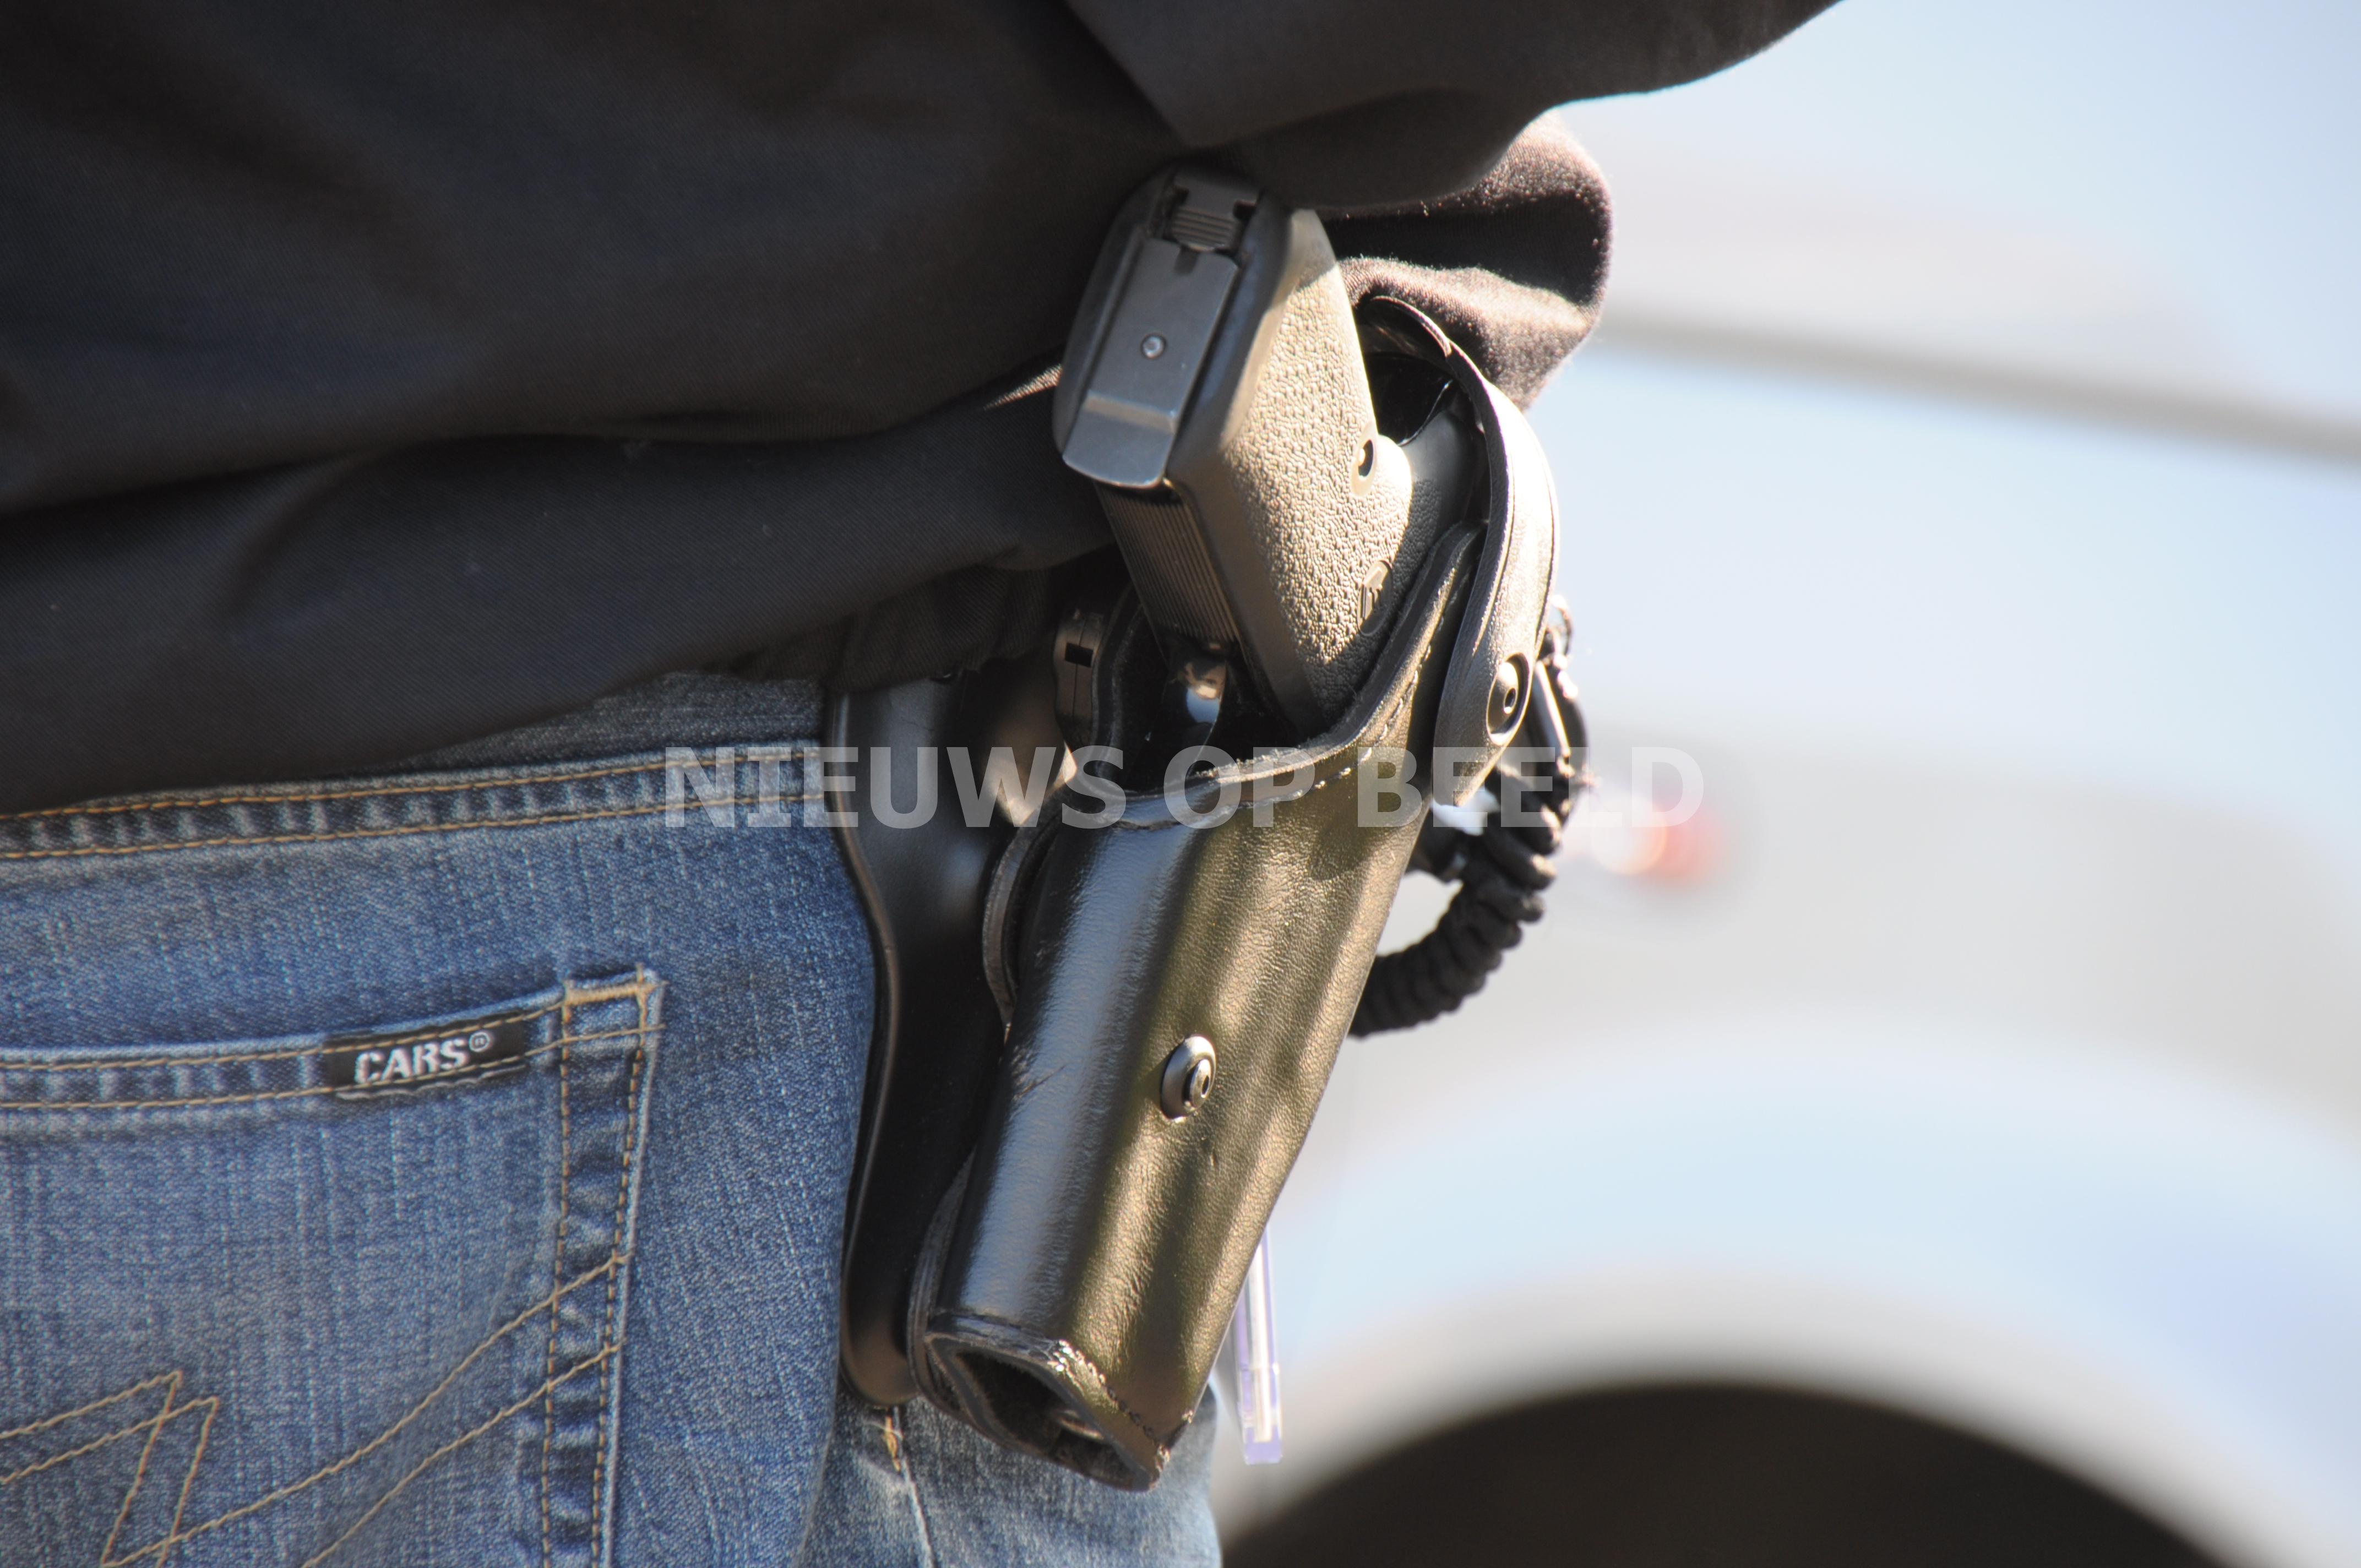 VVD vindt dat agenten dienstwapen ook in privétijd moeten kunnen dragen